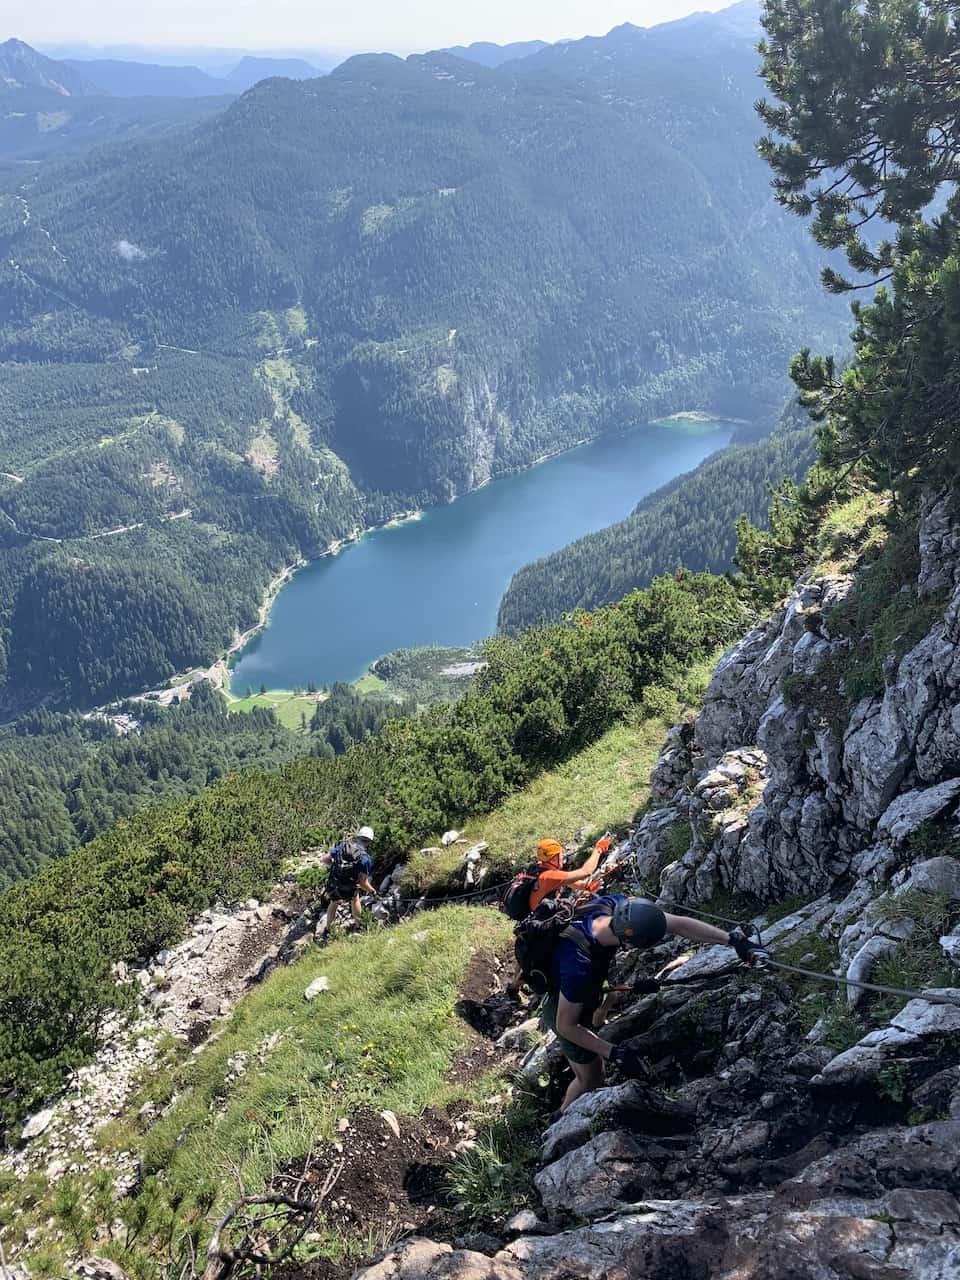 Gosausee Klettersteig View